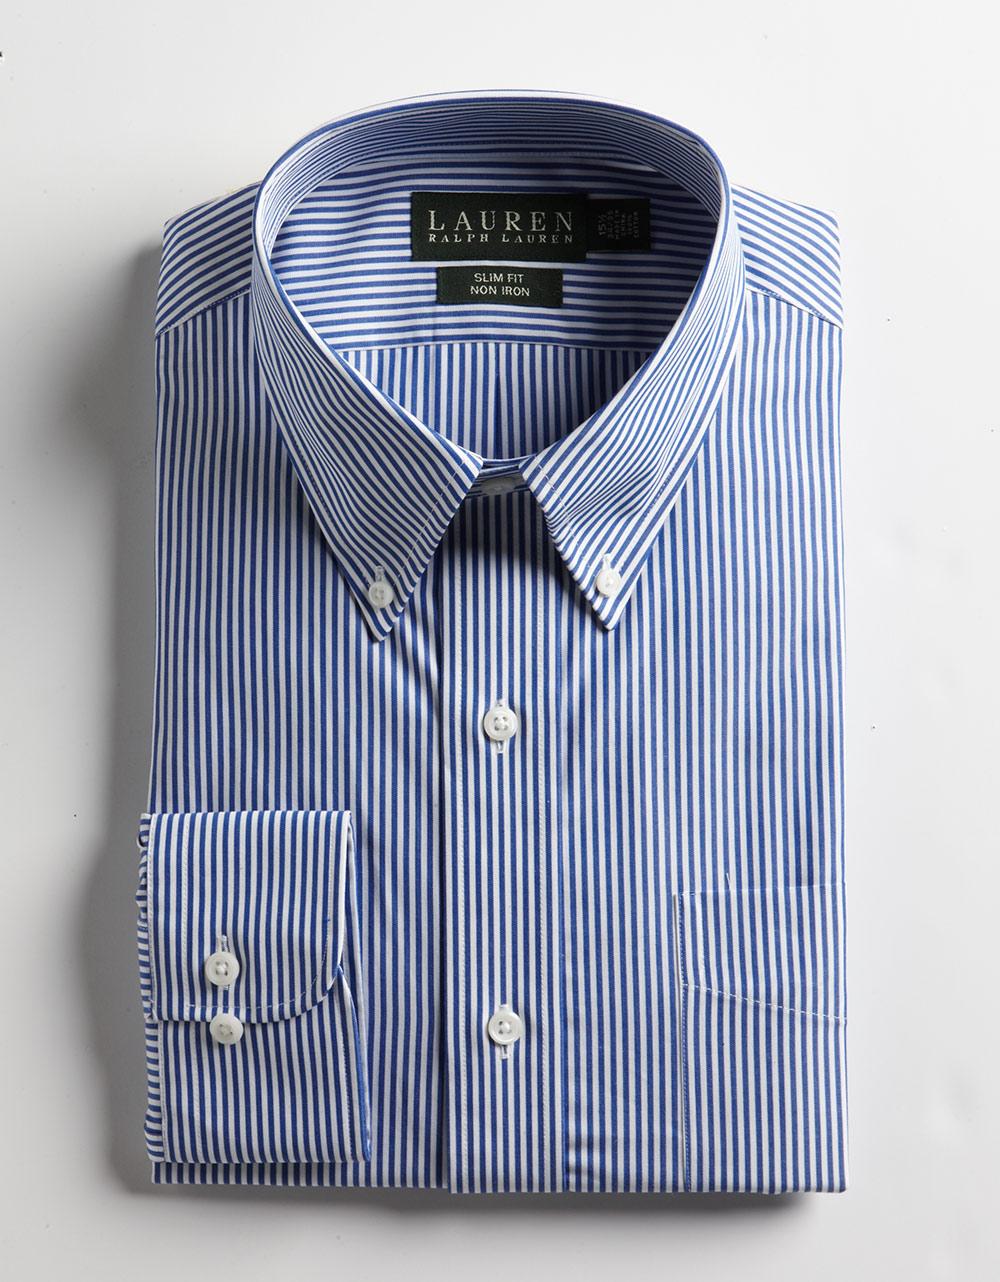 Lauren by ralph lauren non iron slim fit dress shirt in for Non iron slim fit dress shirts